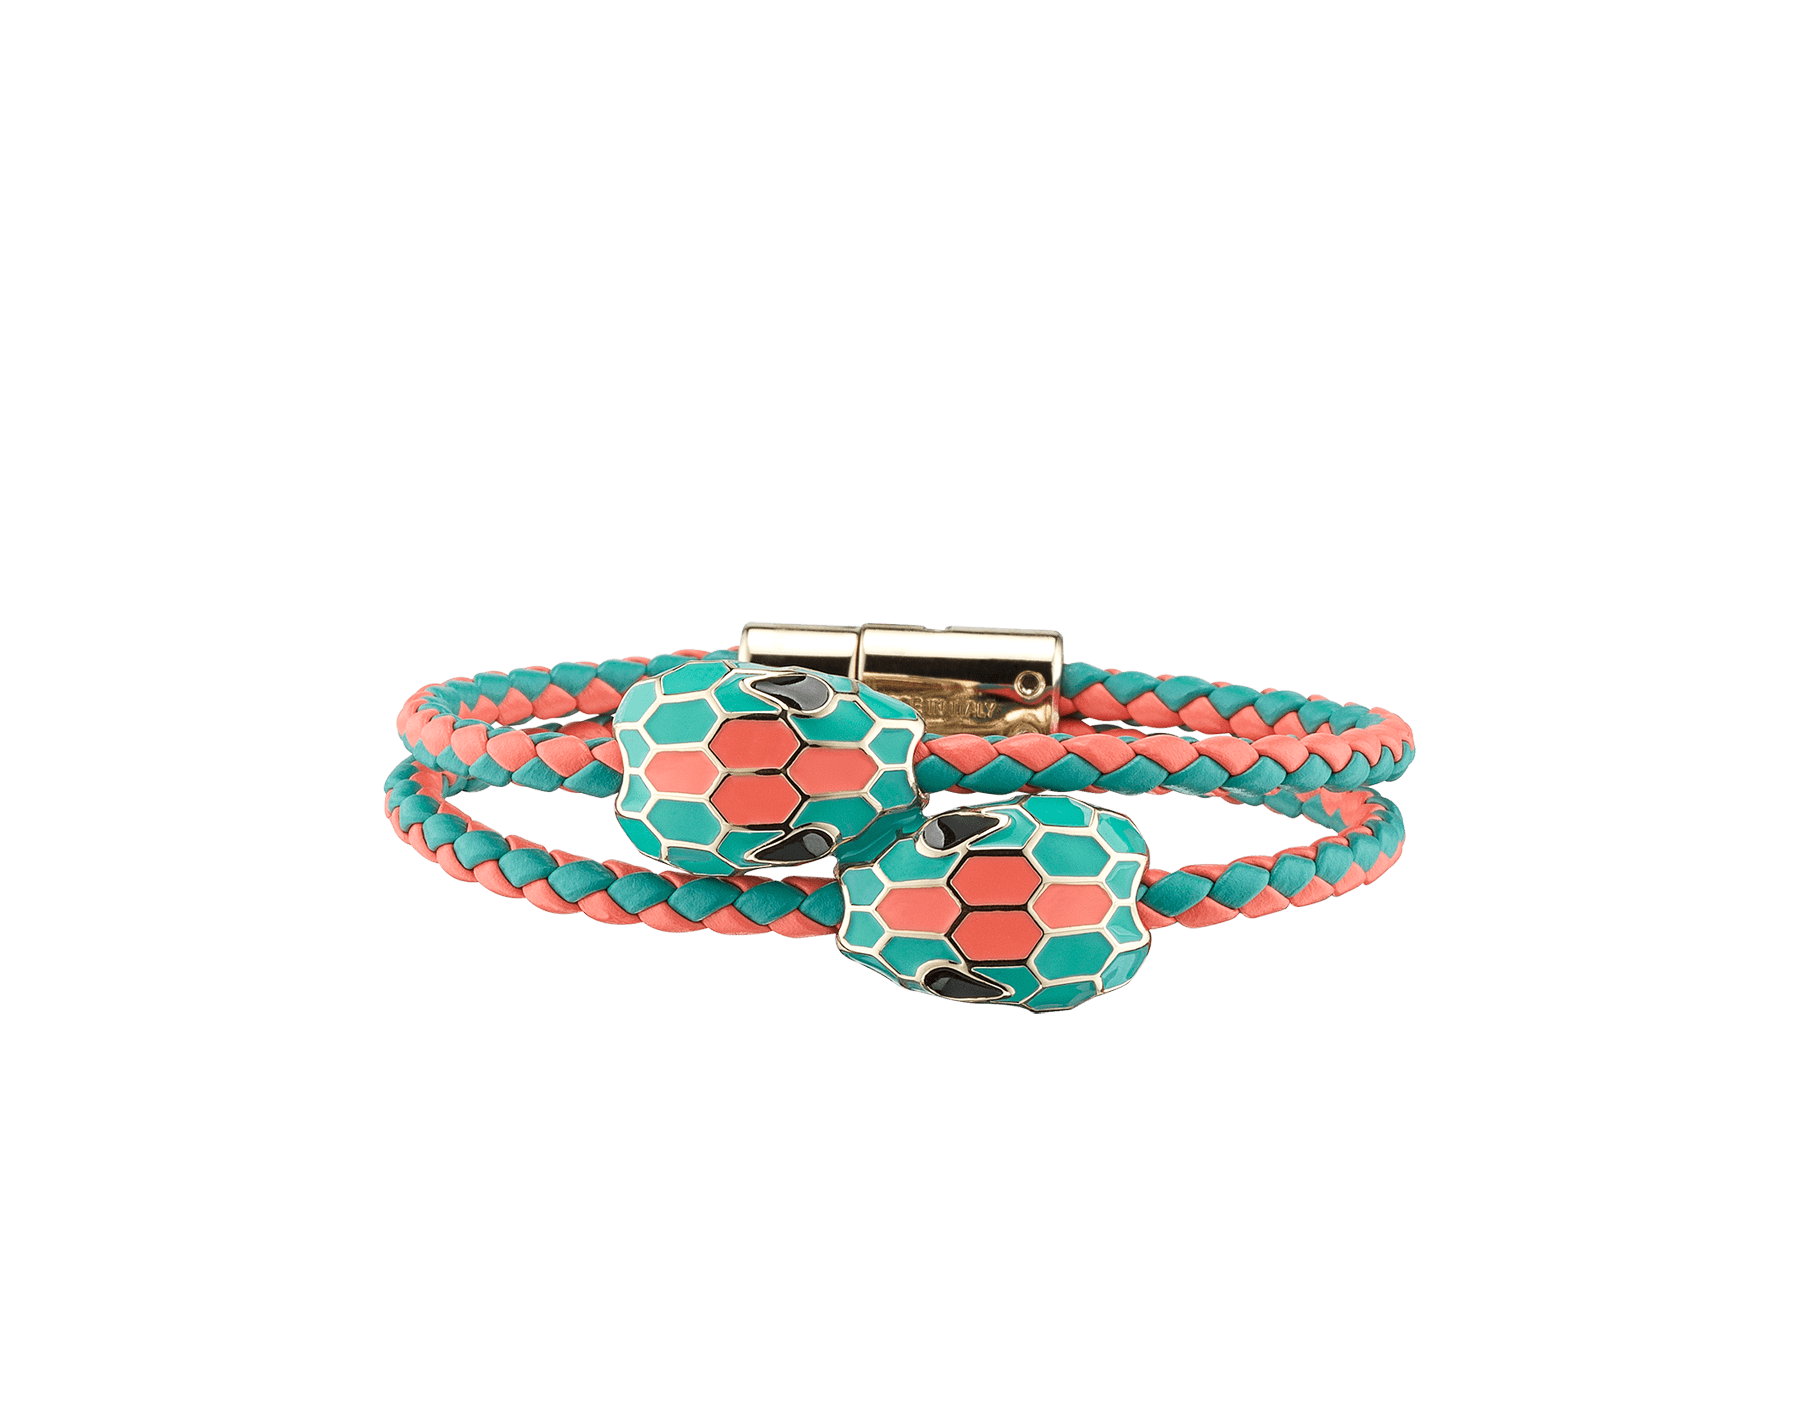 Pulsera trenzada doble Serpenti Forever en piel de becerro tejida colores coral sedoso y jade ártico con un motivo doble con la icónica cabeza de serpiente en esmalte colores jade ártico y coral sedoso. 289264 image 1